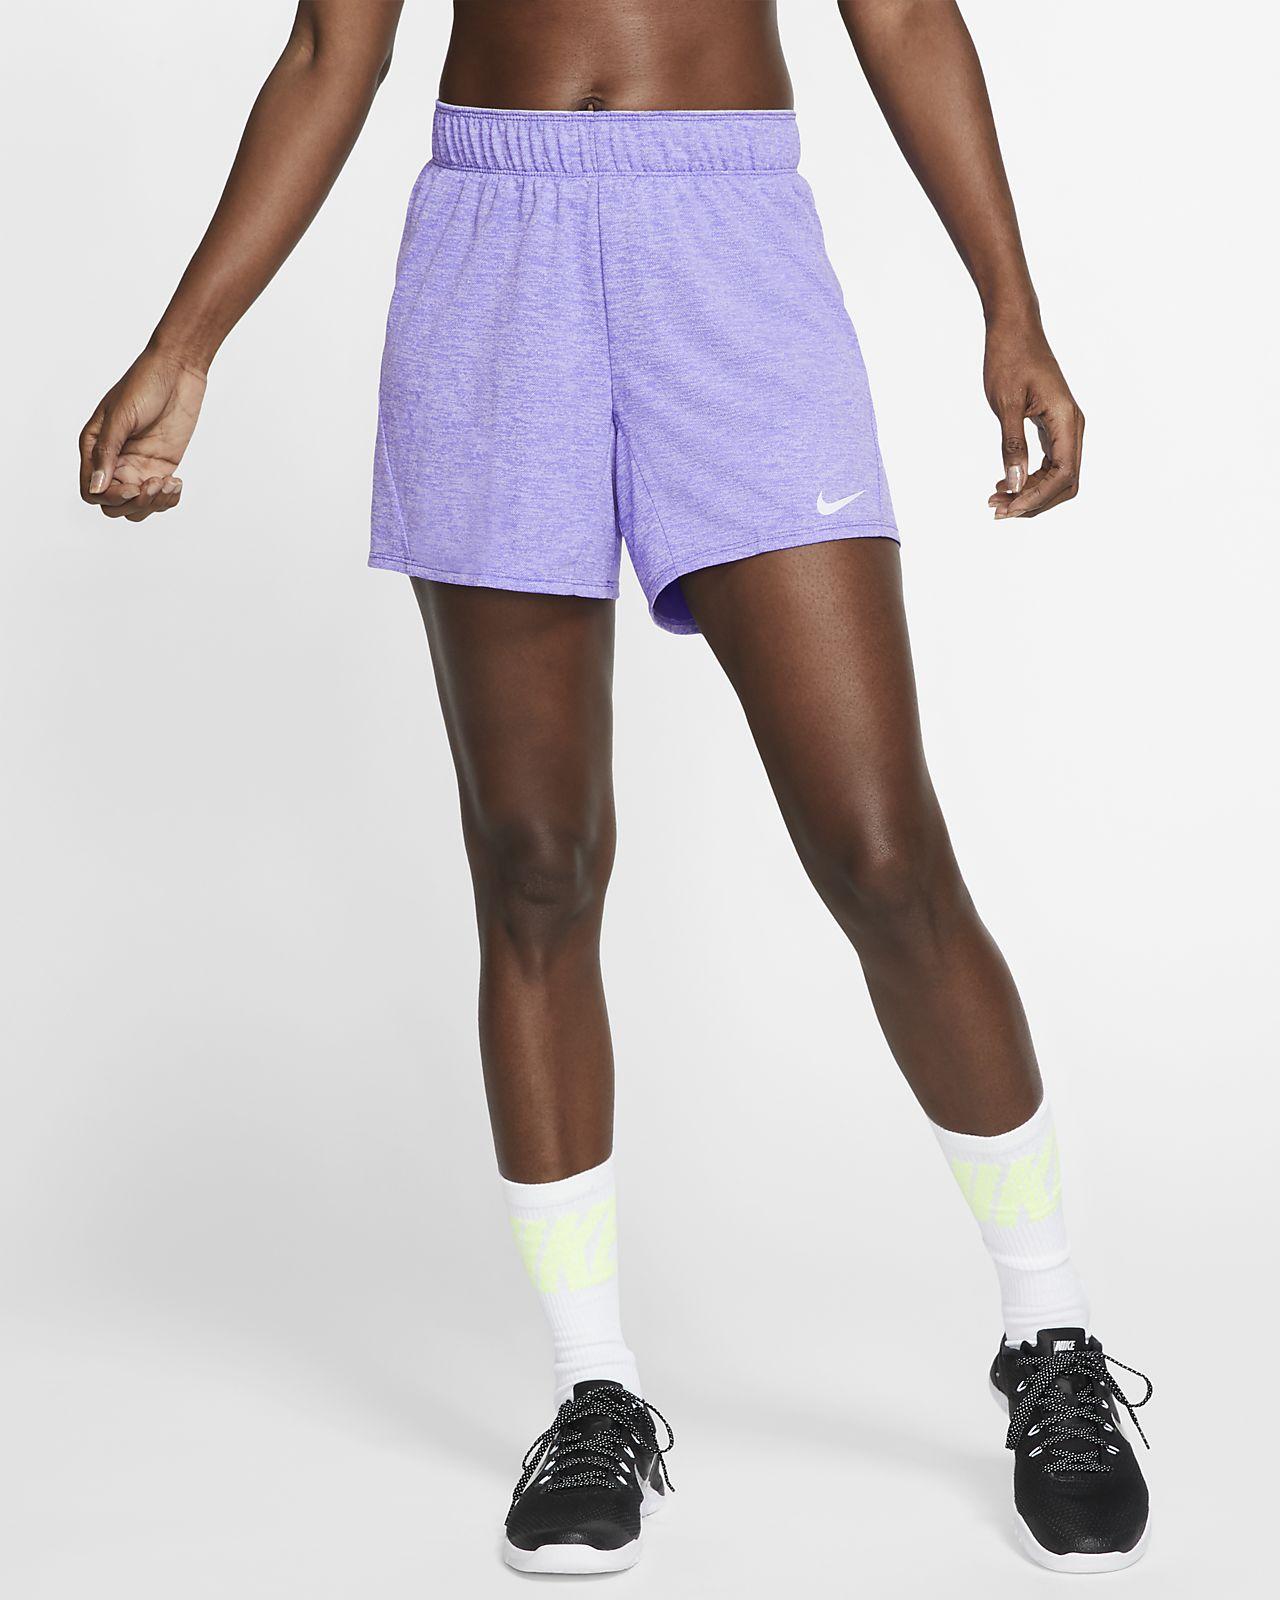 designer fashion 5da6a 8908a ... Nike Dri-FIT Women s 5